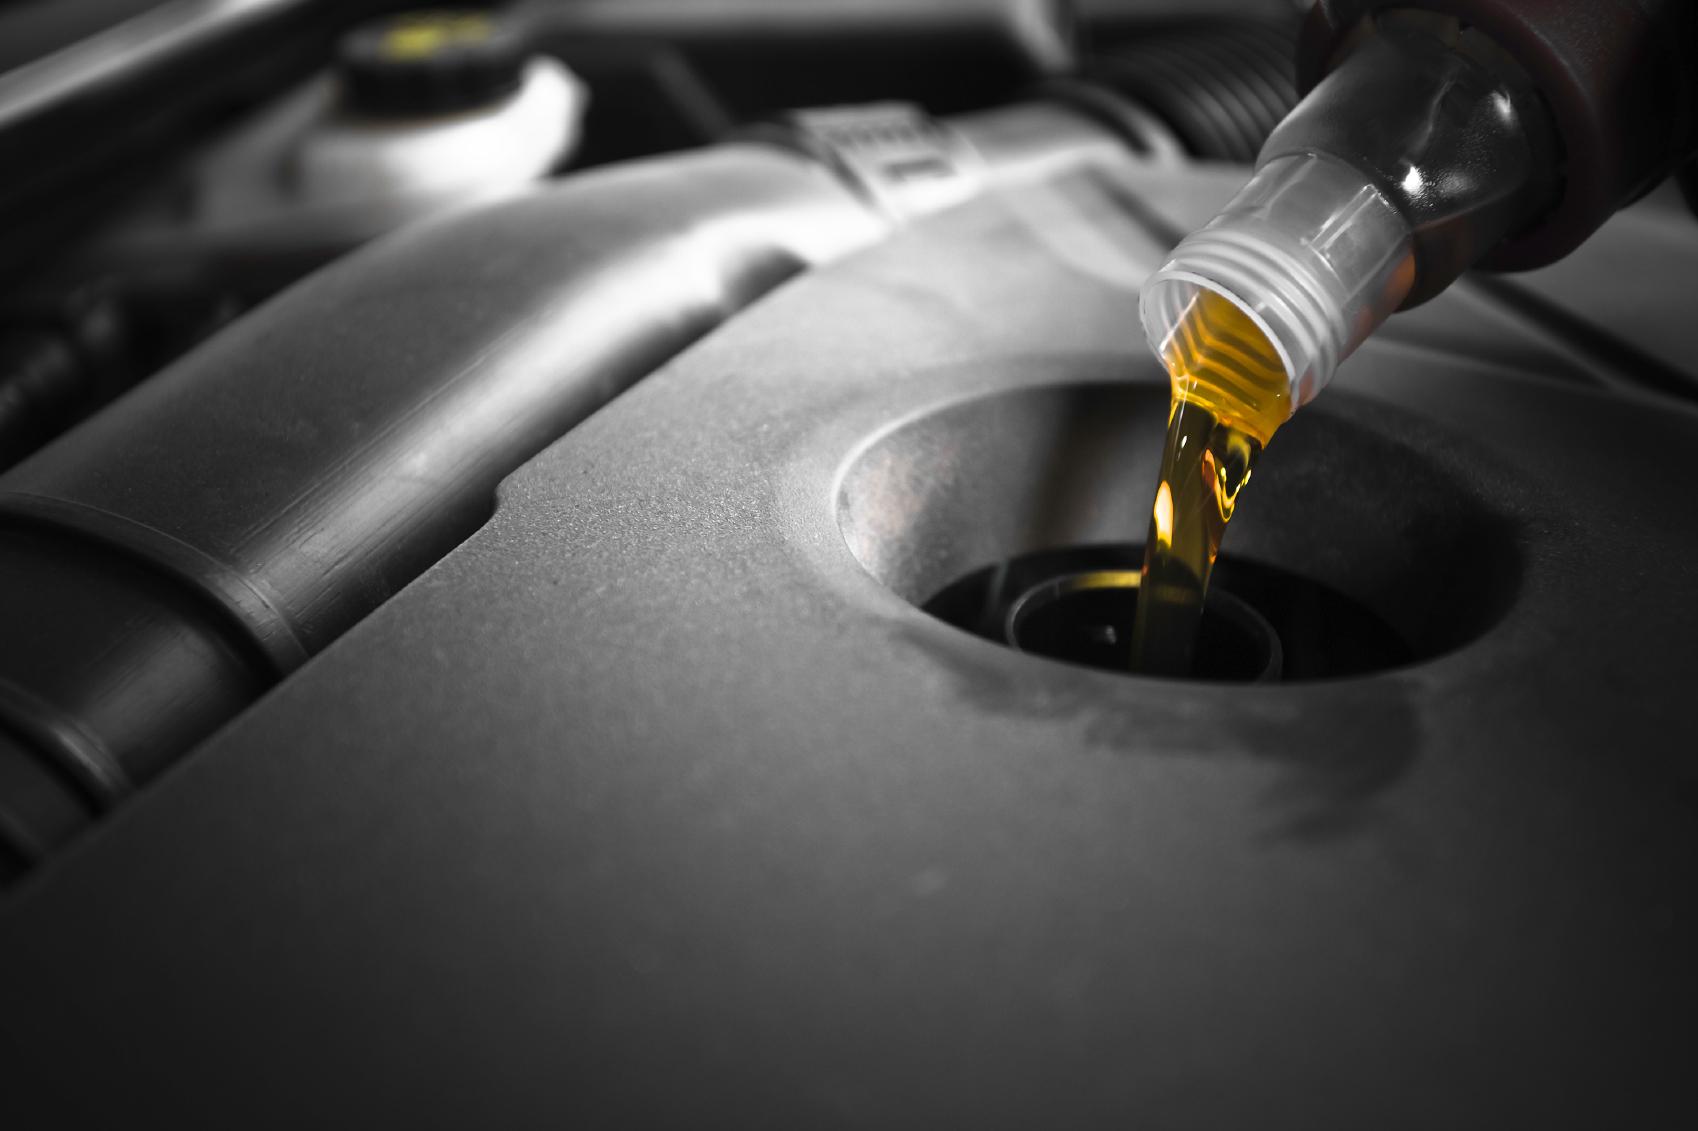 Oil_000018122273_Medium.jpg